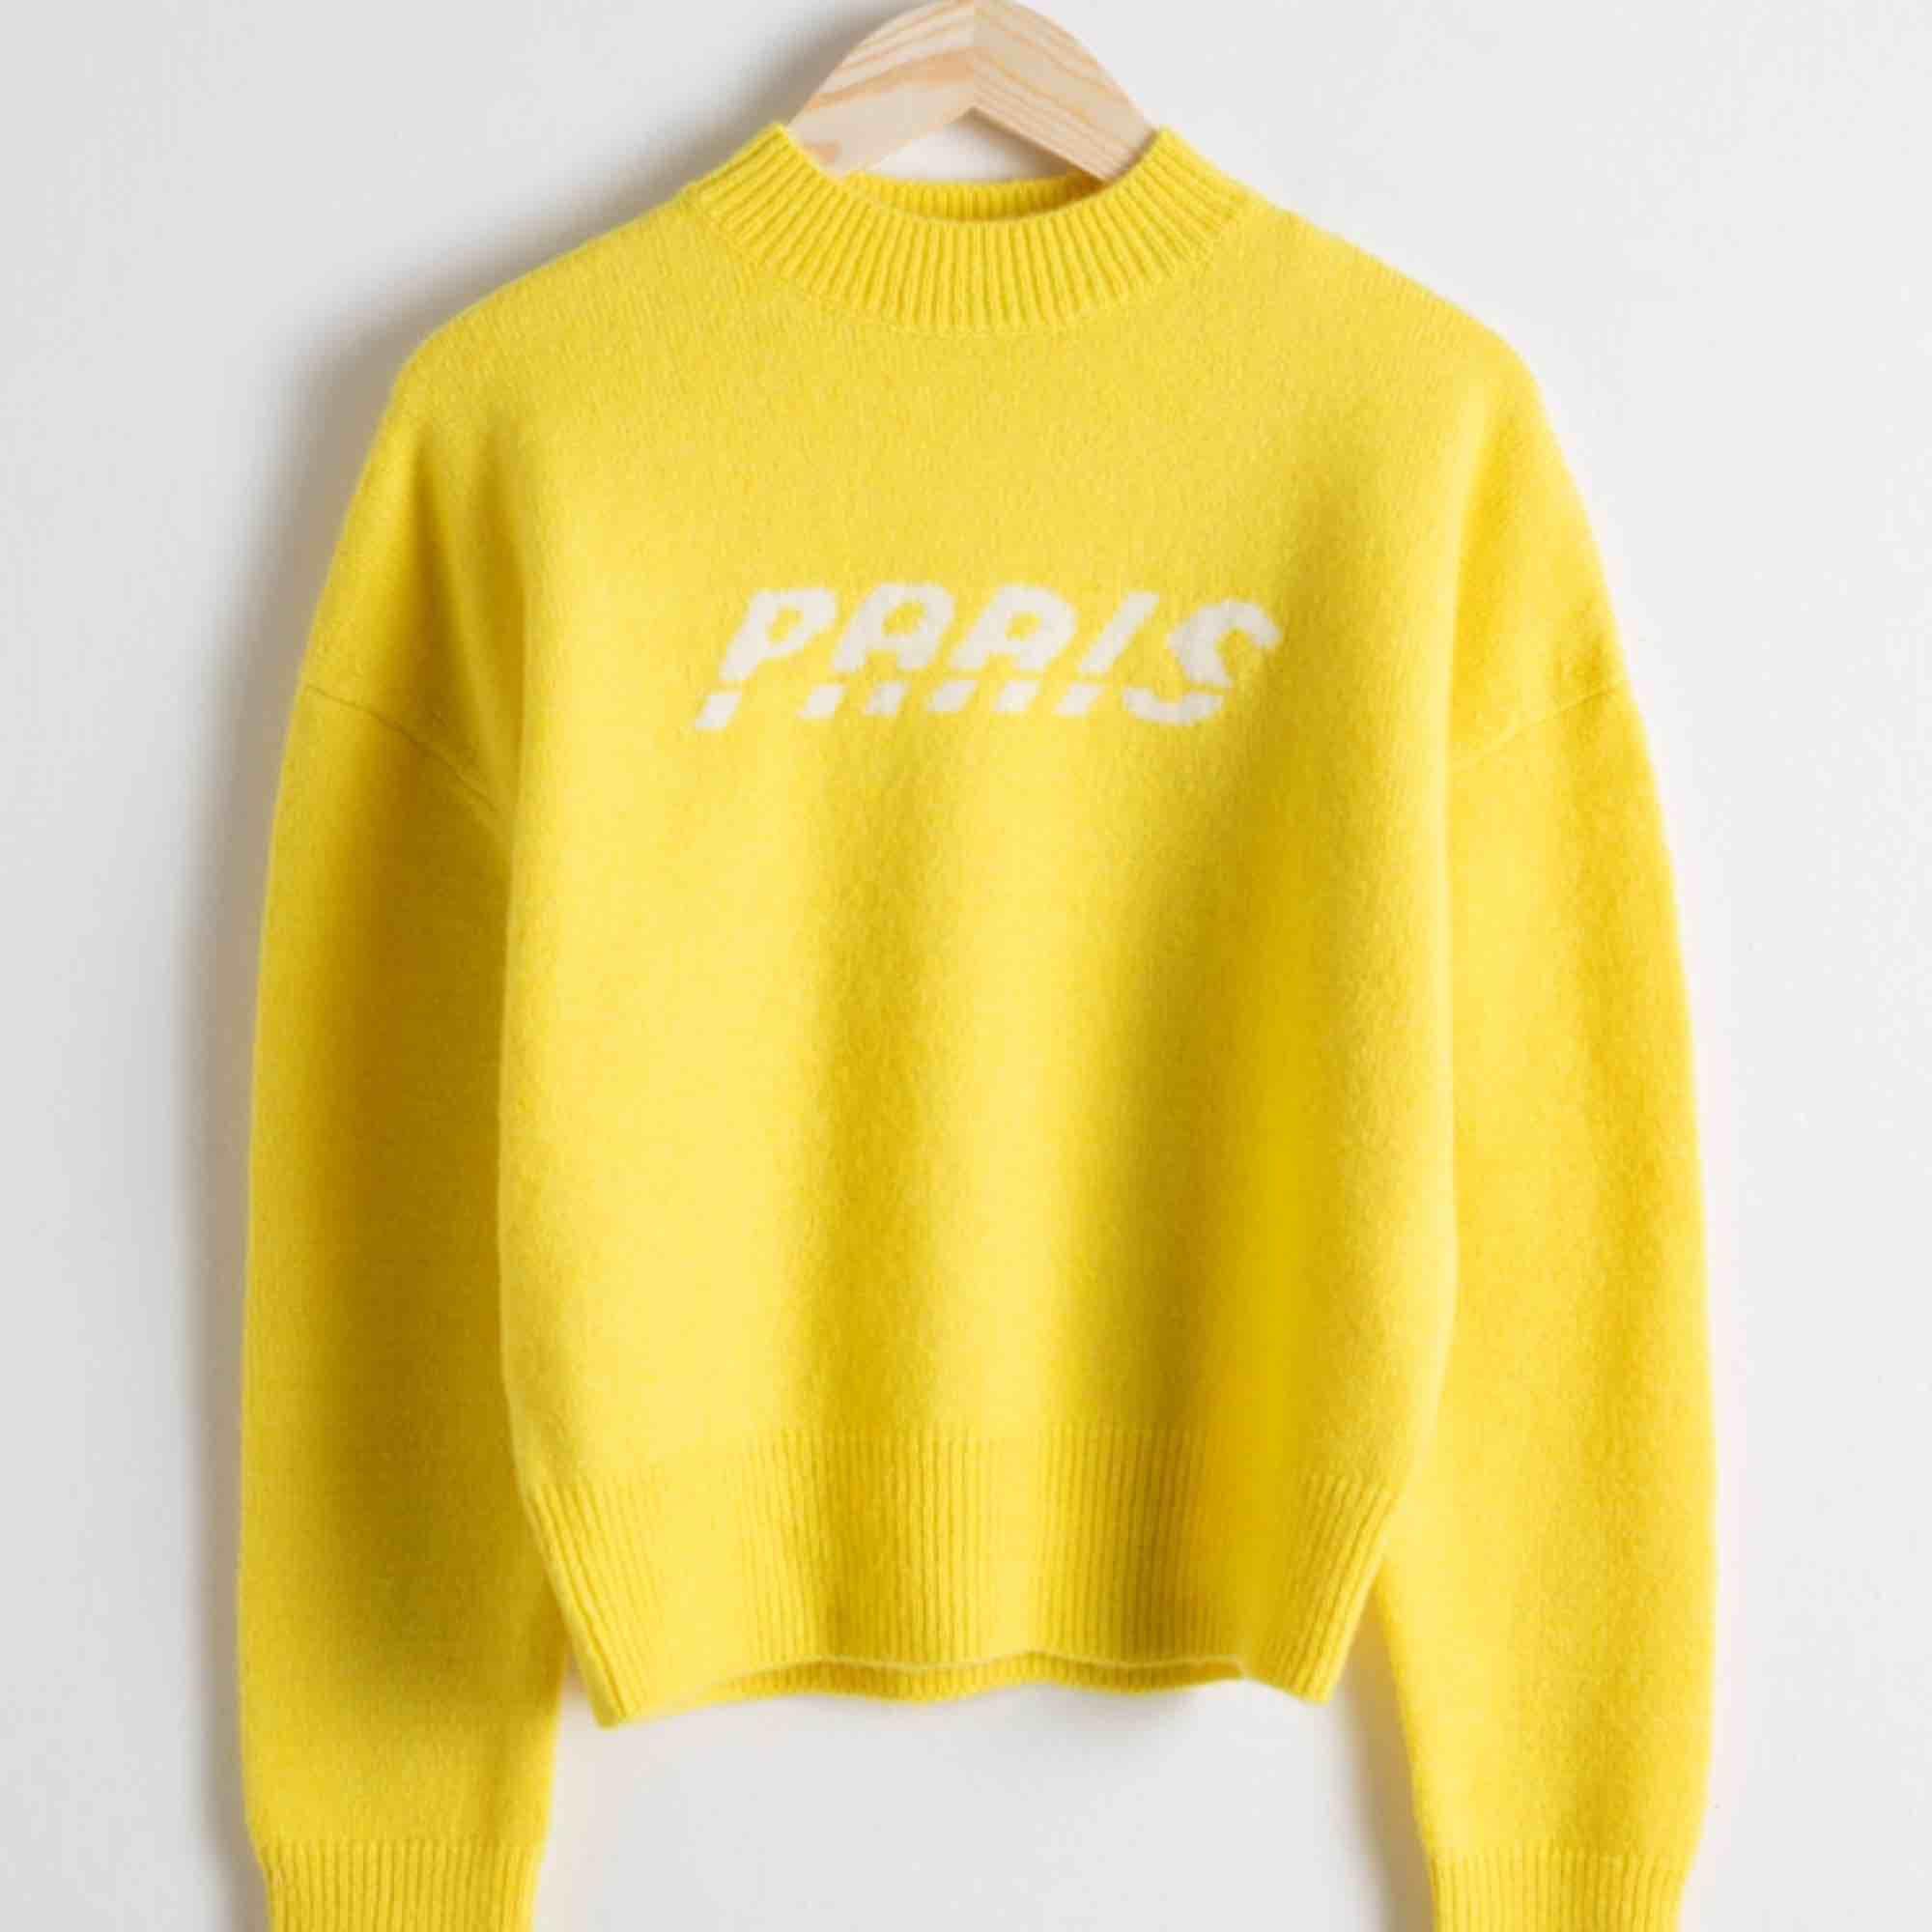 Skönaste och snyggaste stickade tröjan från & other stories!! Frakt ingår i priset! Storlek S❤️❤️. Stickat.